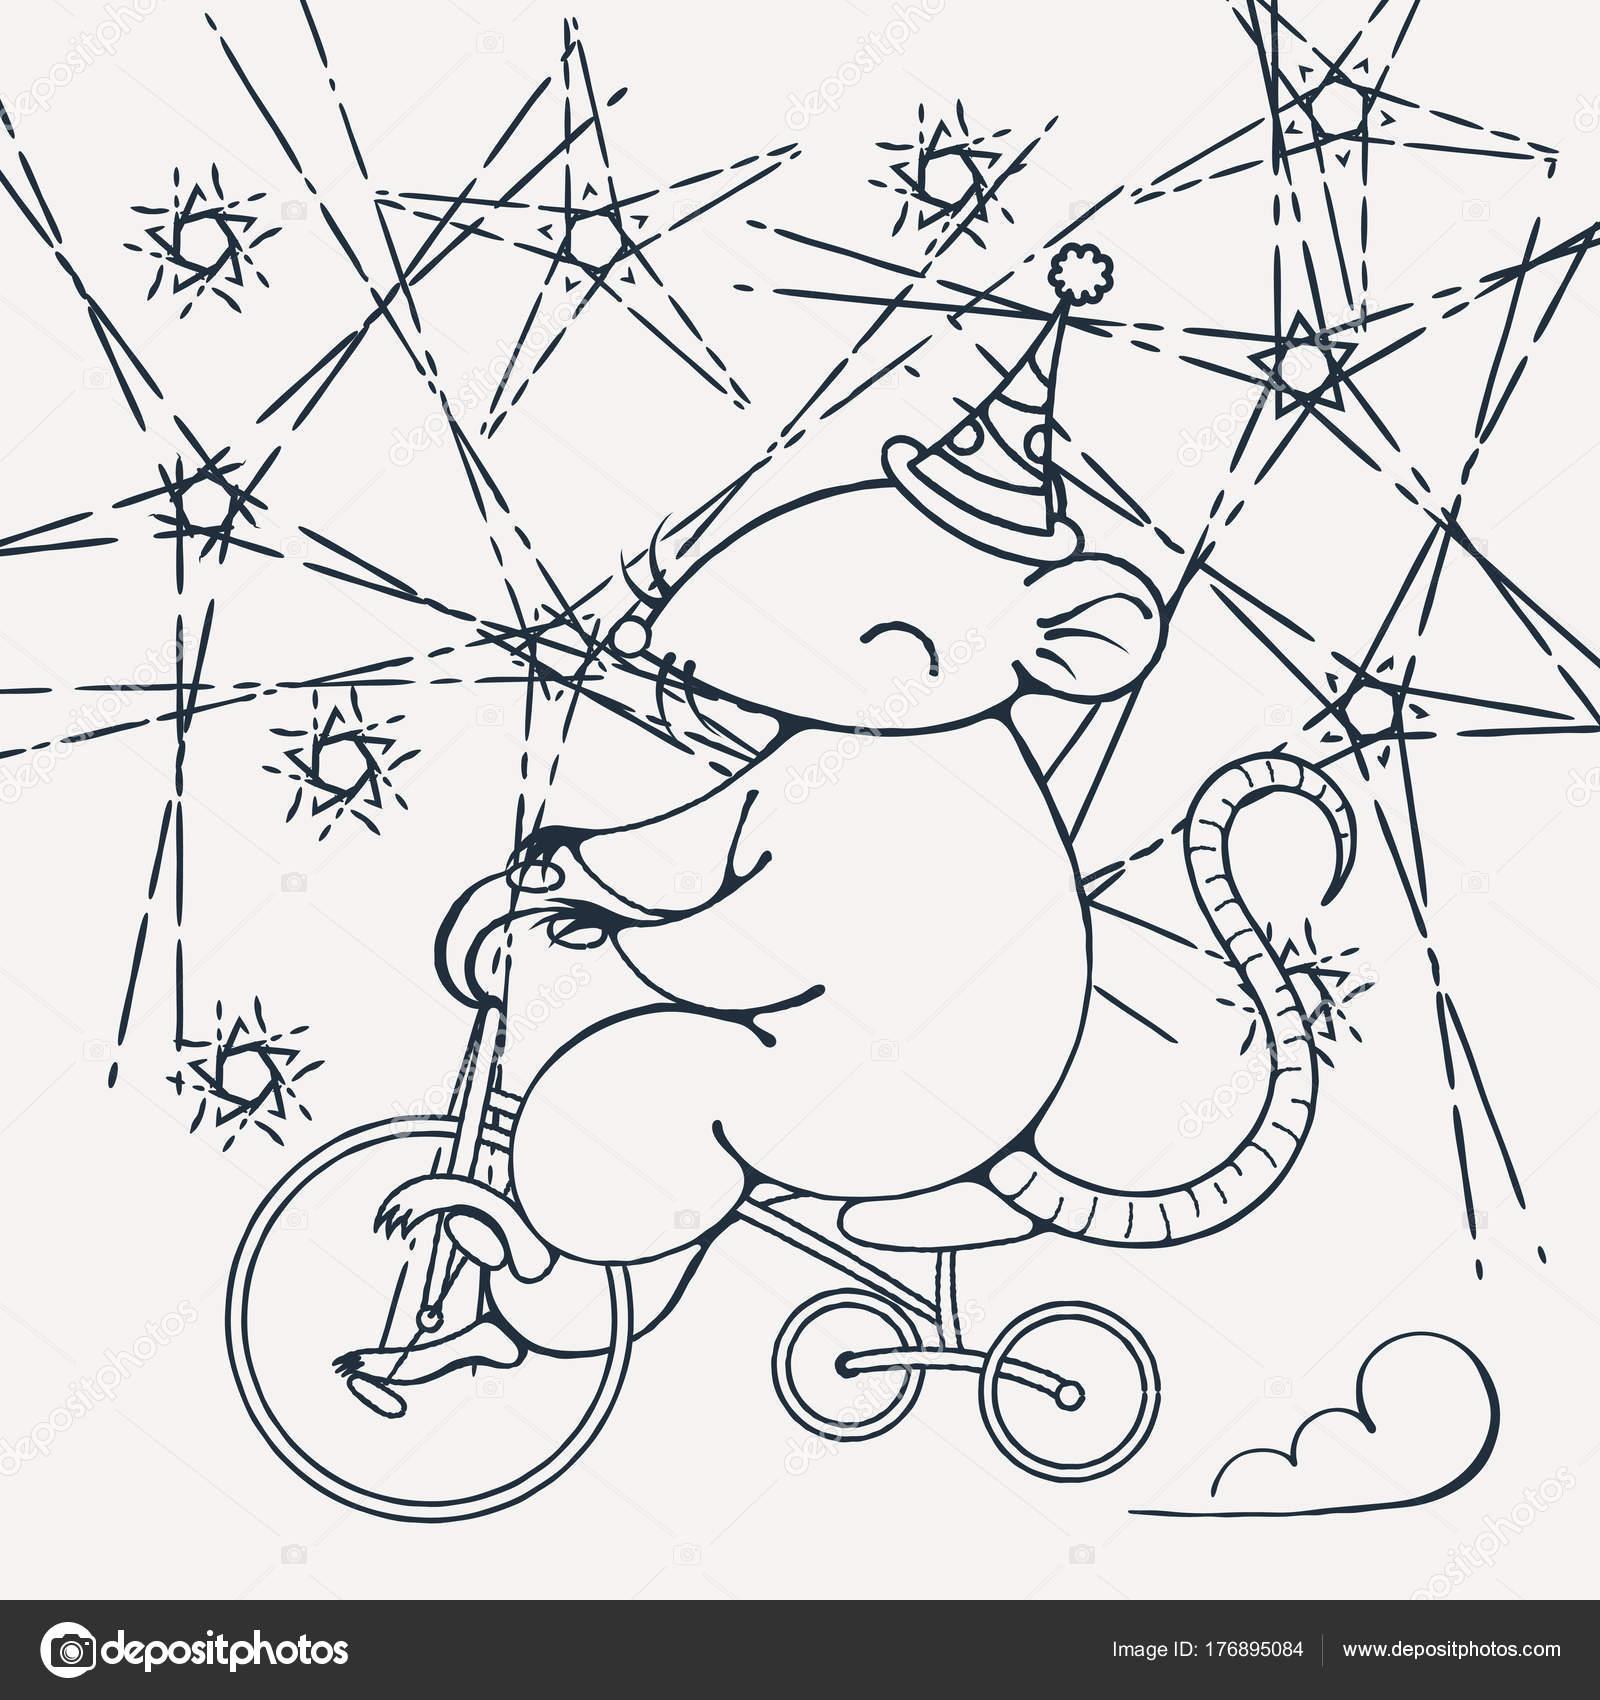 Resimde Bir Sirk Faresi Bir Bisiklet Ile Boyama Sayfası